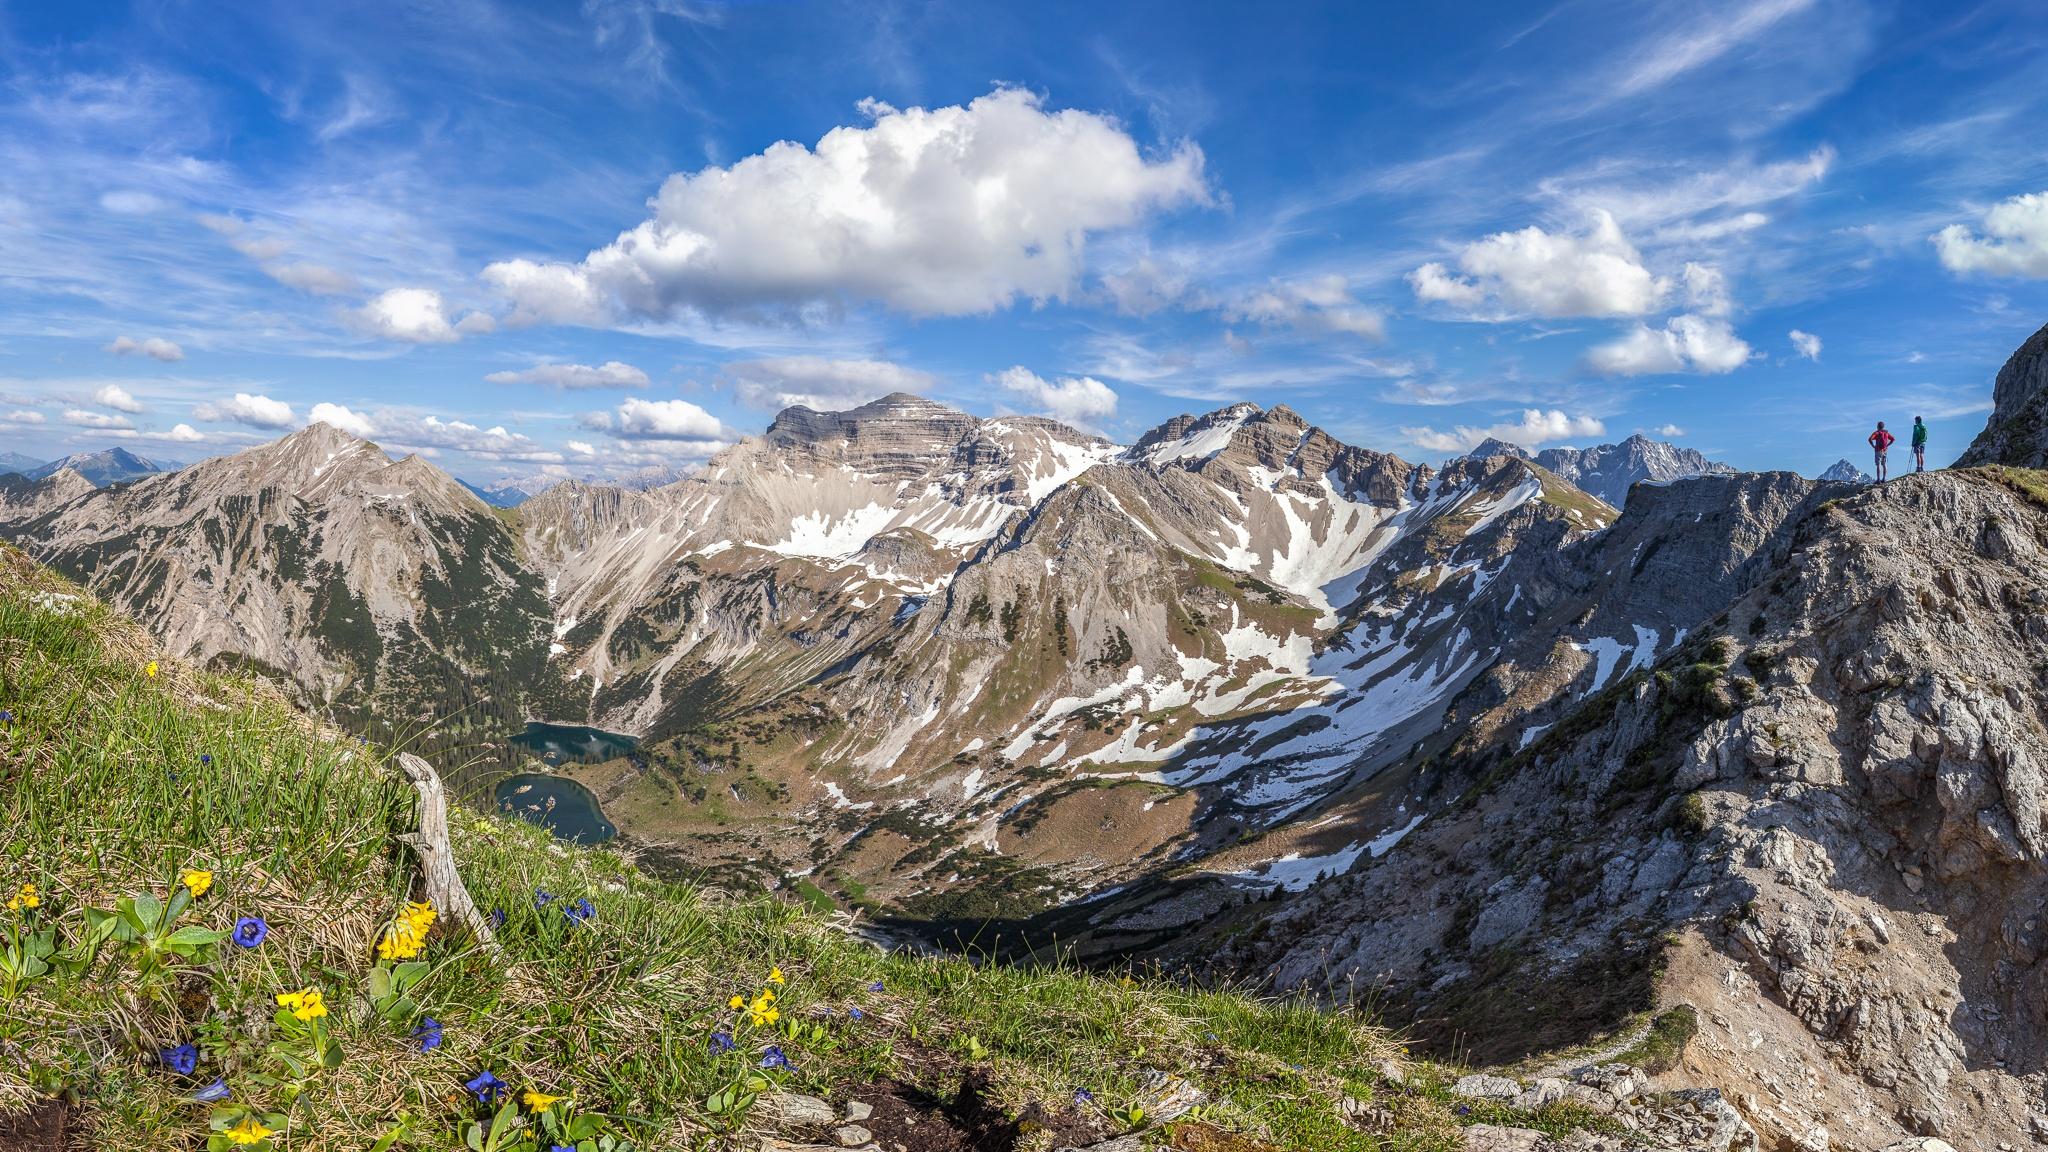 Enzian, Soiernsee, Soiernspitze, Wanderung, Schöttelkarspitze